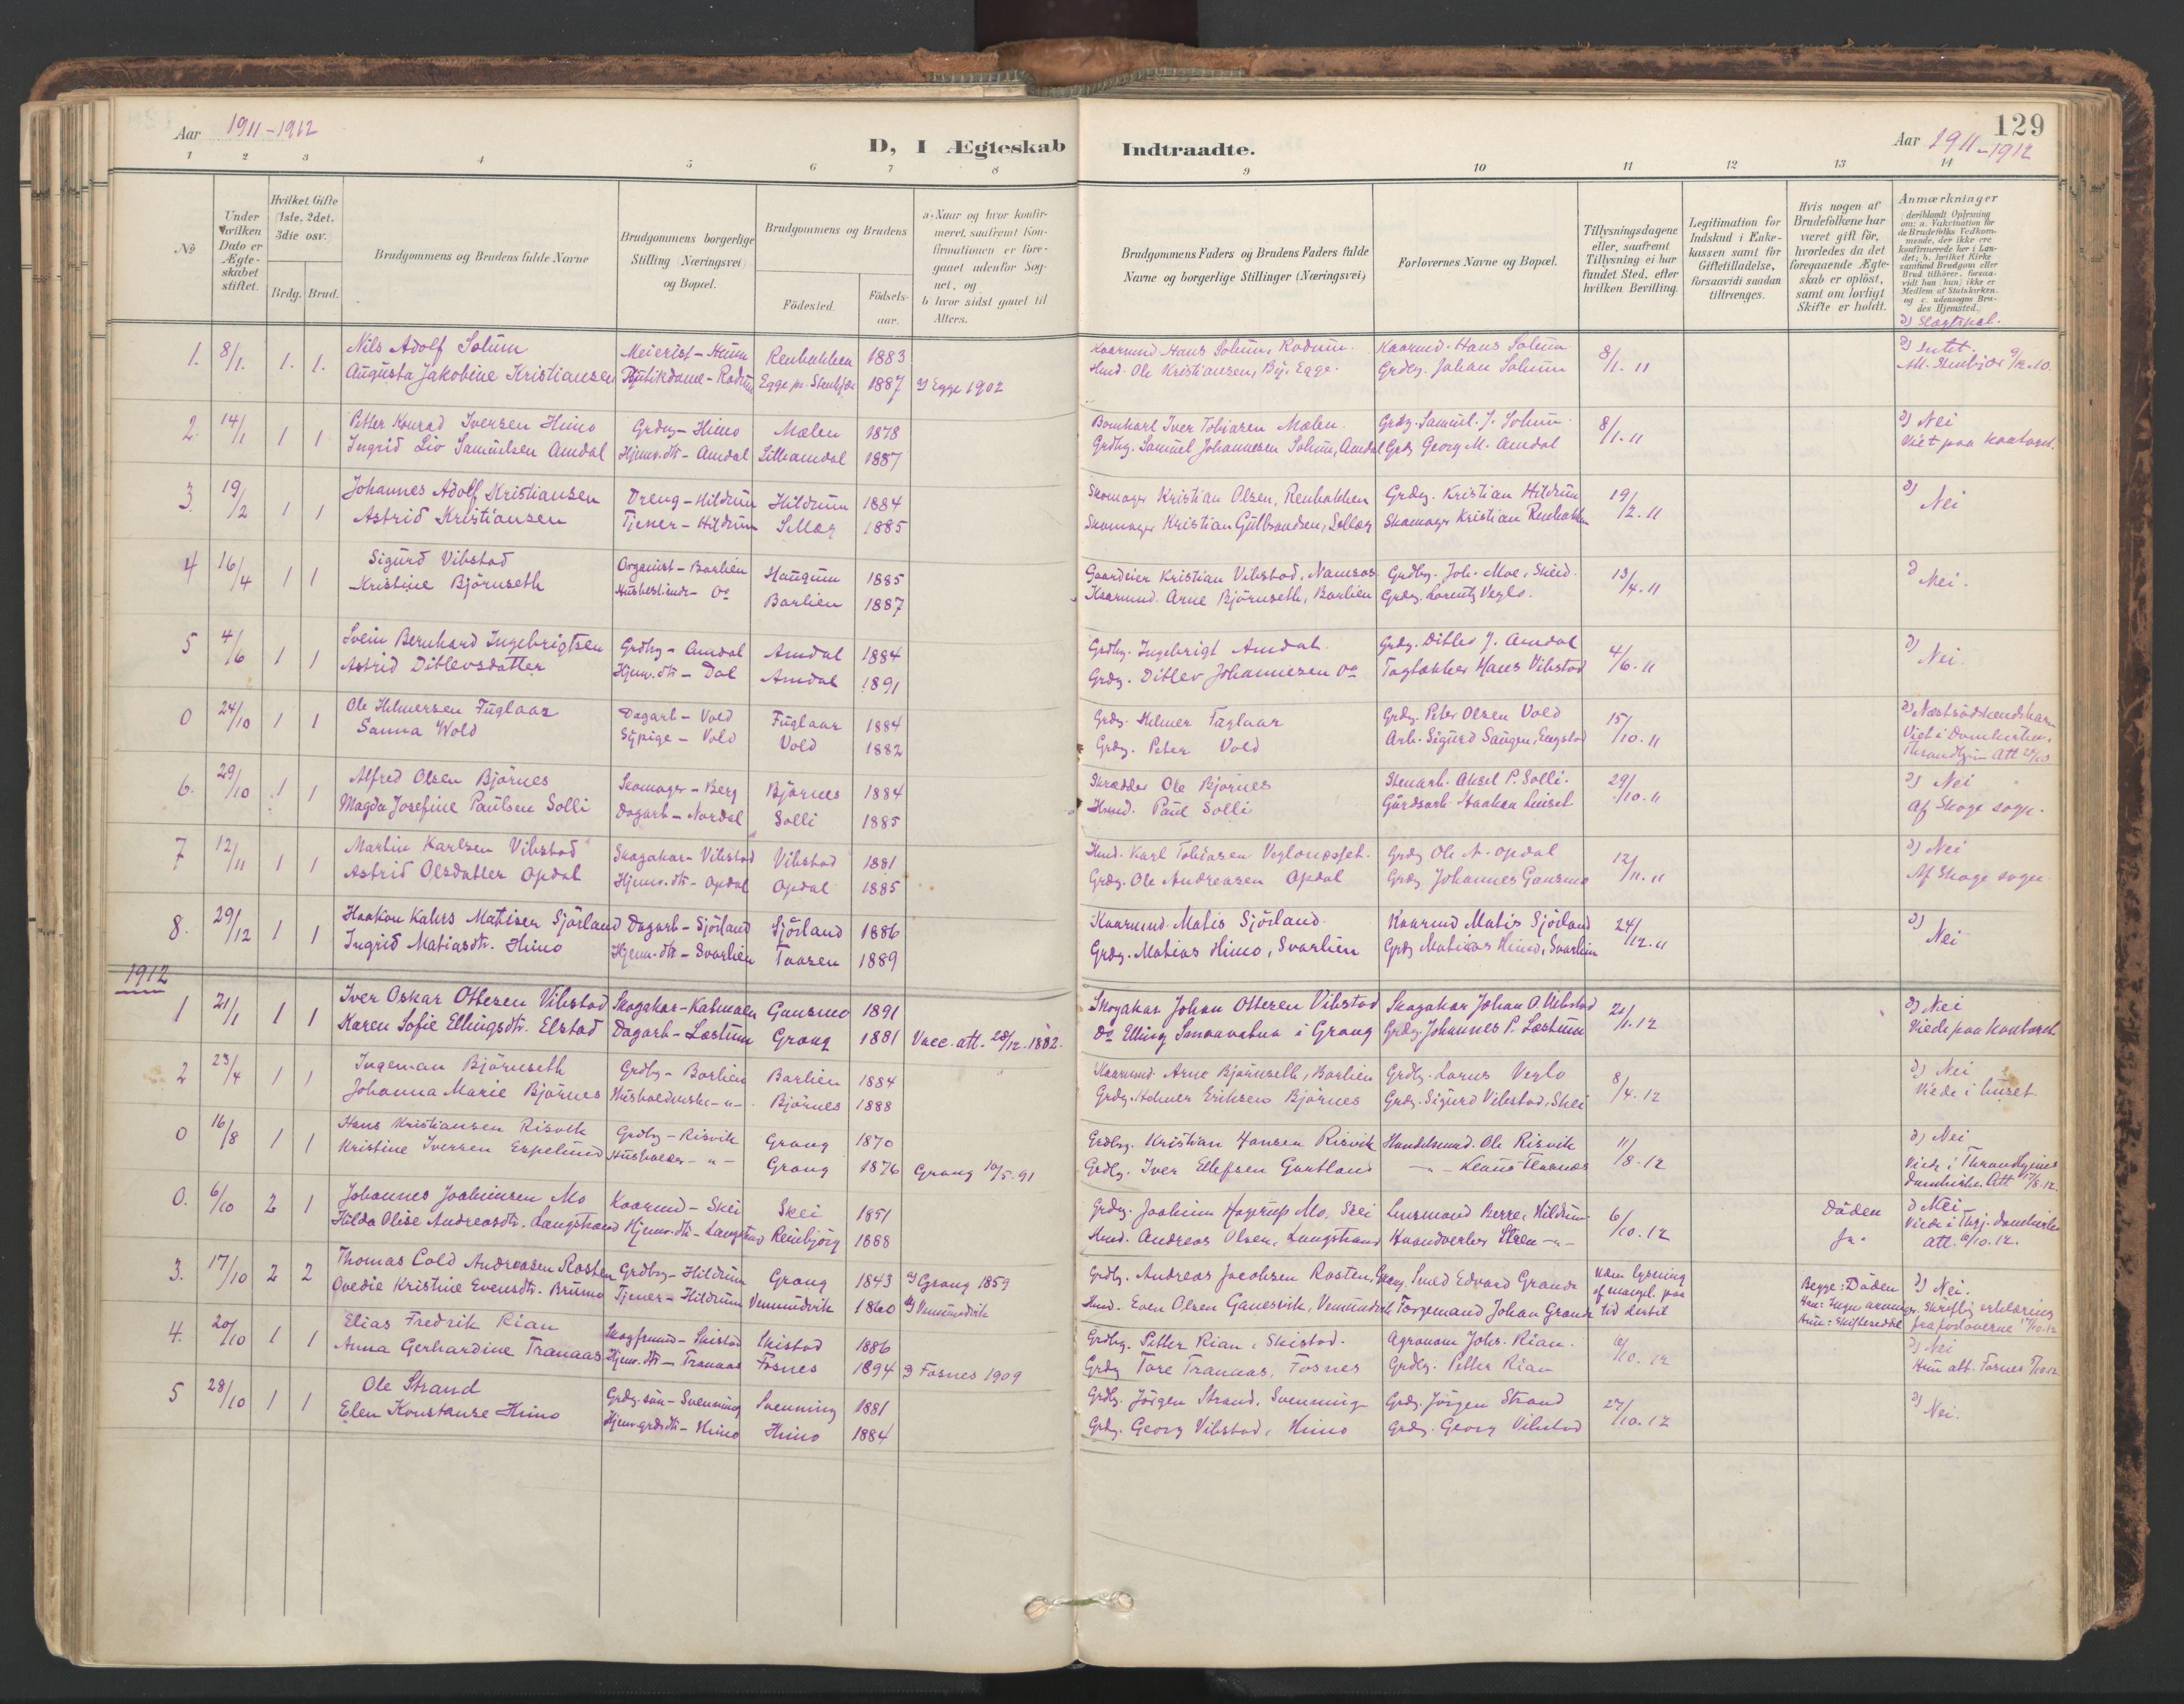 SAT, Ministerialprotokoller, klokkerbøker og fødselsregistre - Nord-Trøndelag, 764/L0556: Ministerialbok nr. 764A11, 1897-1924, s. 129